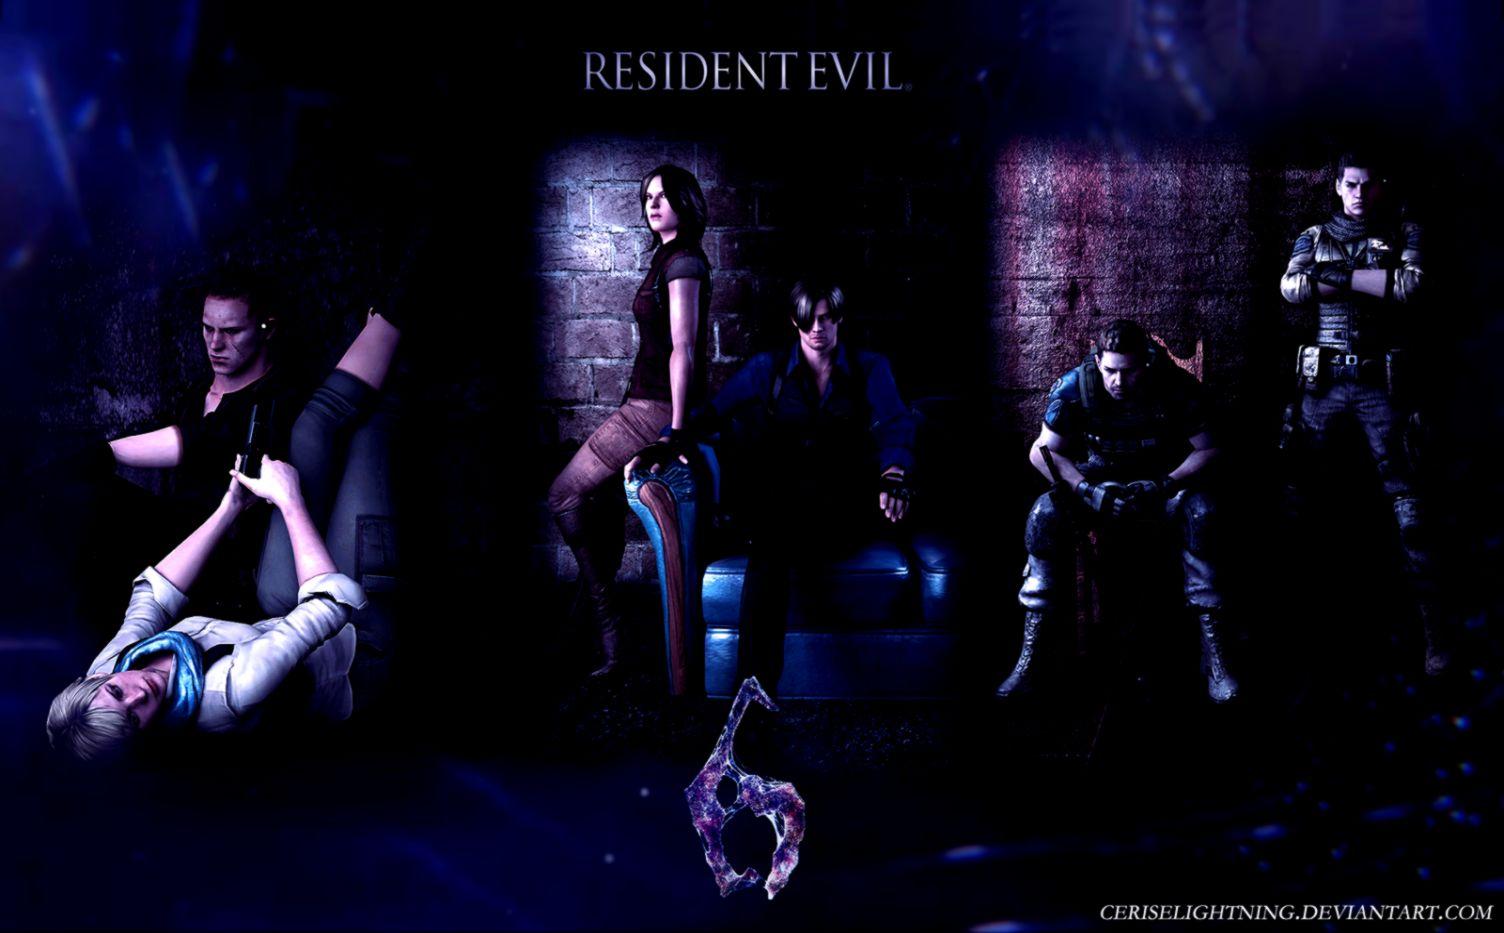 Resident Evil Desktop Wallpaper Posted By John Johnson